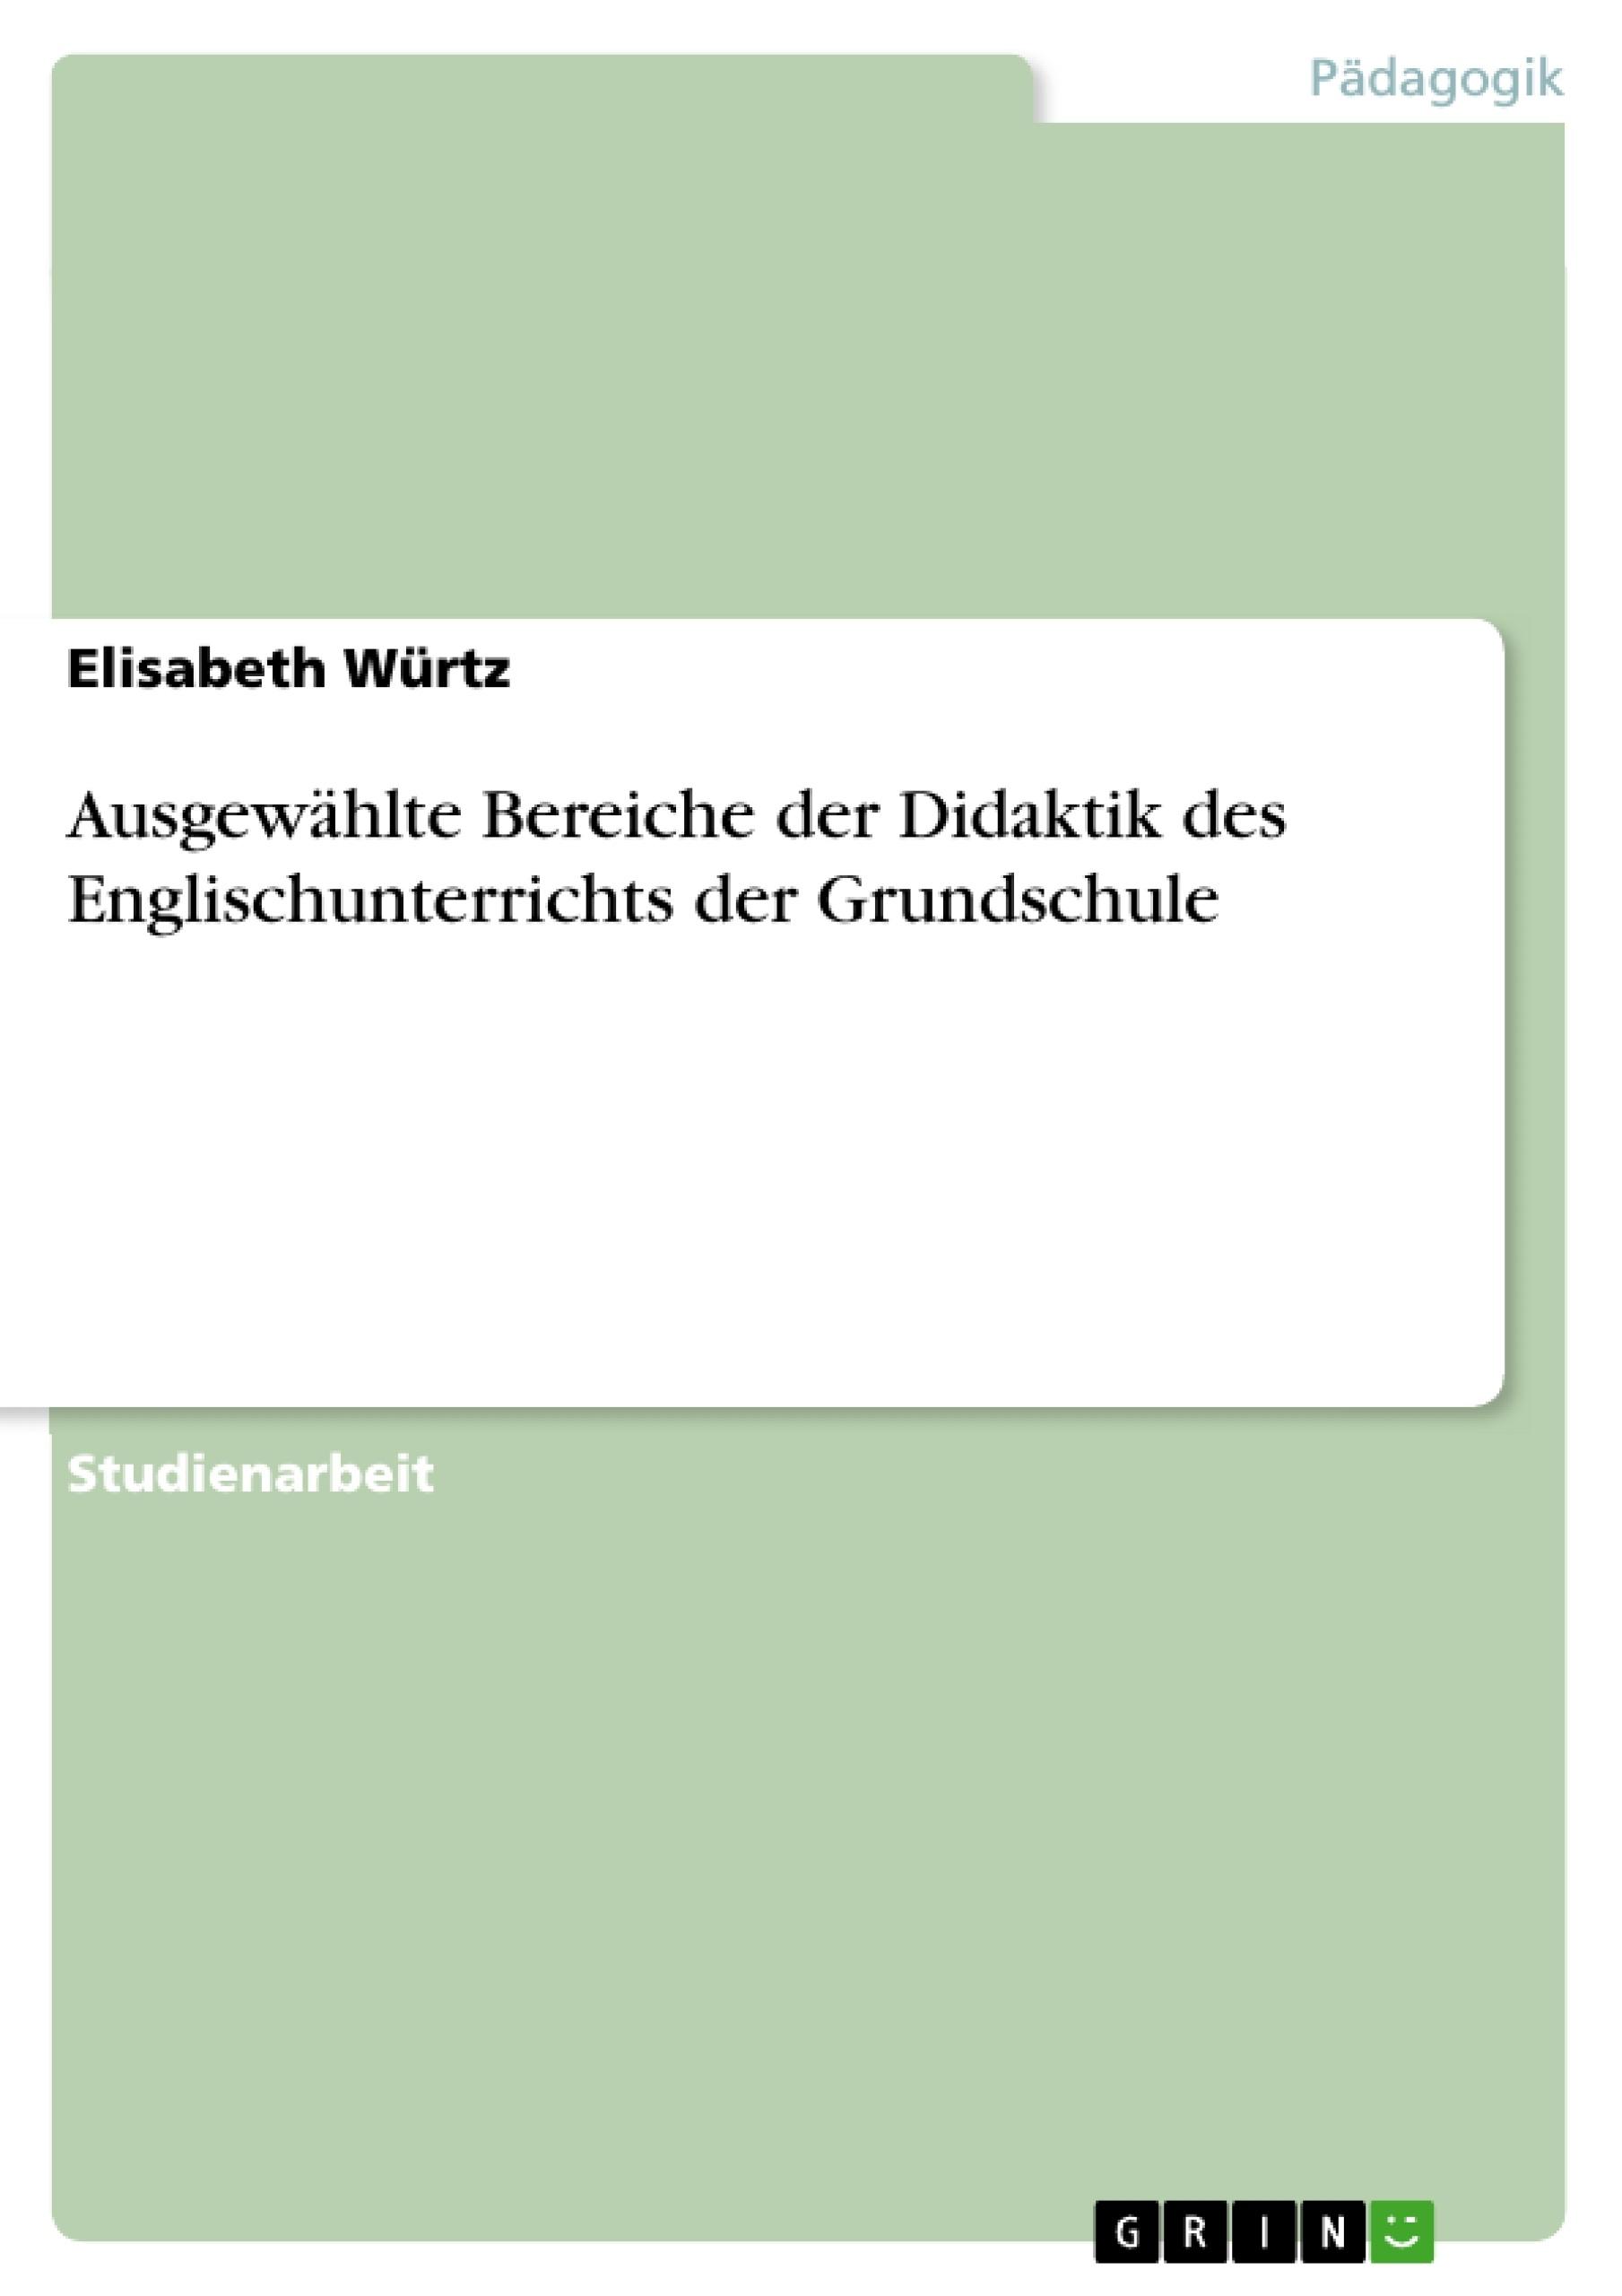 Titel: Ausgewählte Bereiche der Didaktik des Englischunterrichts der Grundschule